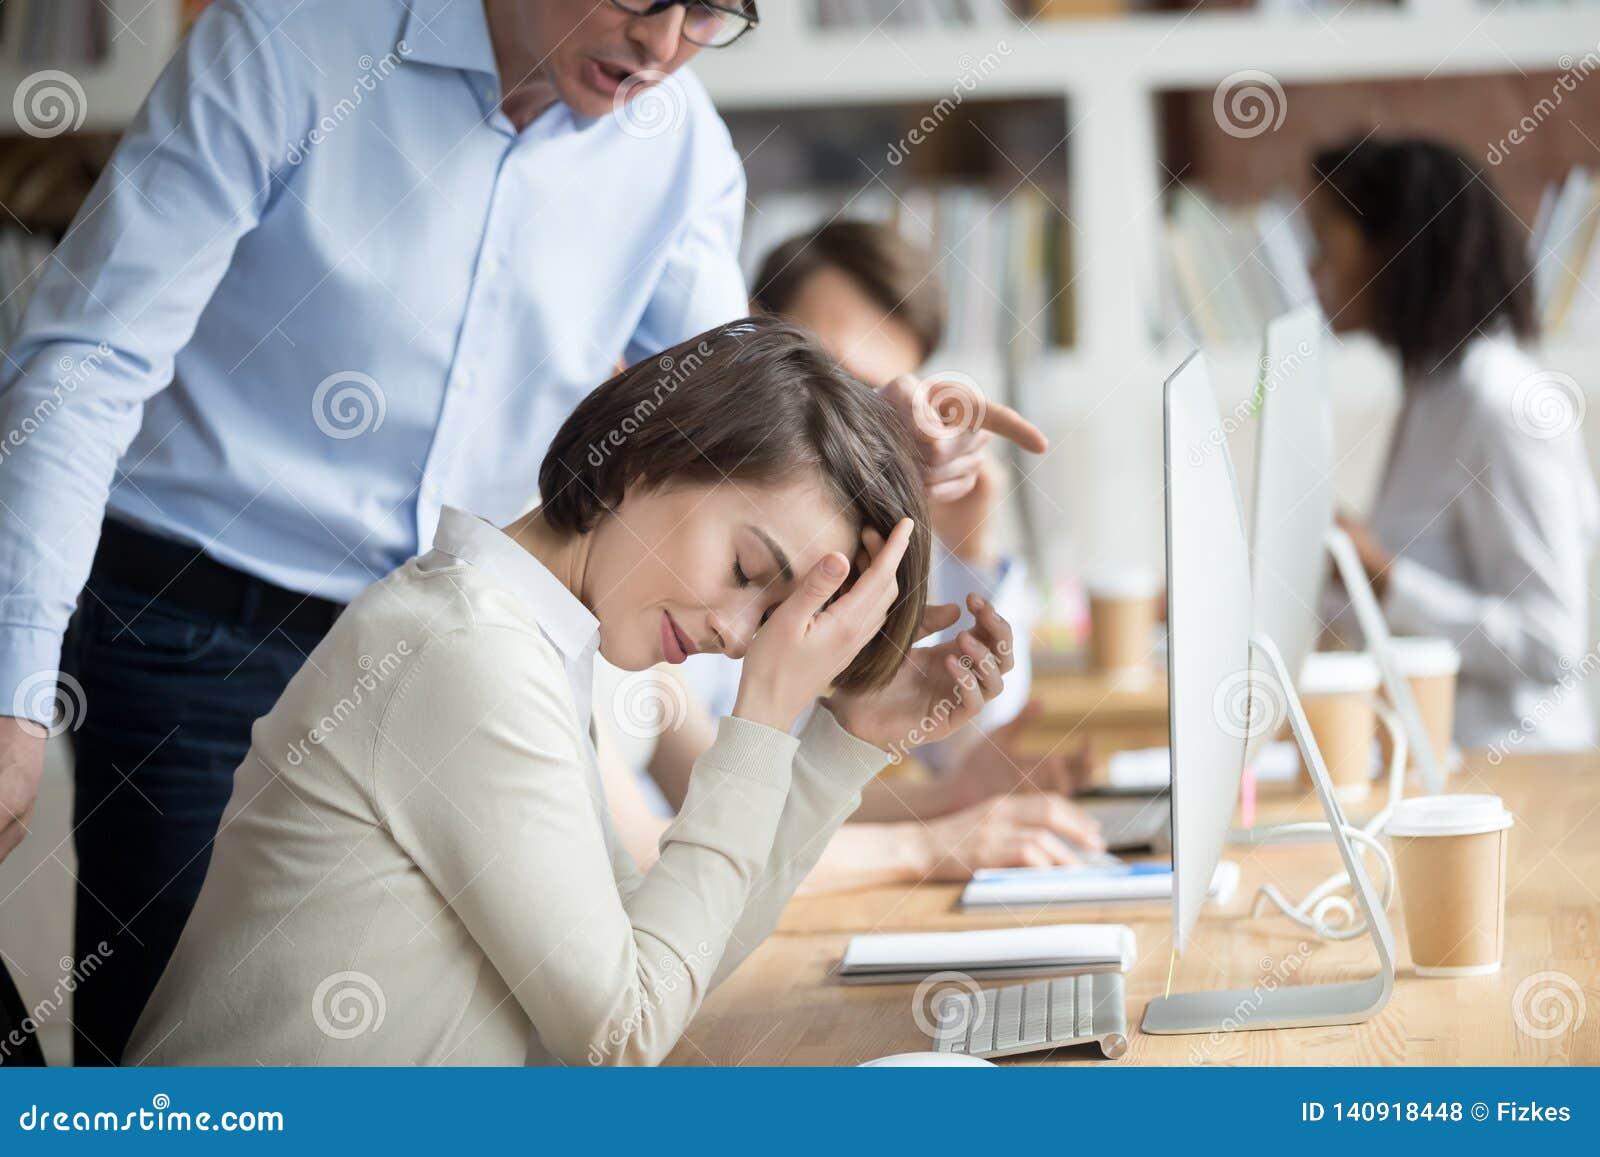 Сердитый раздражанный CEO (главный исполнительный директор) компании делая выговор женщина работника